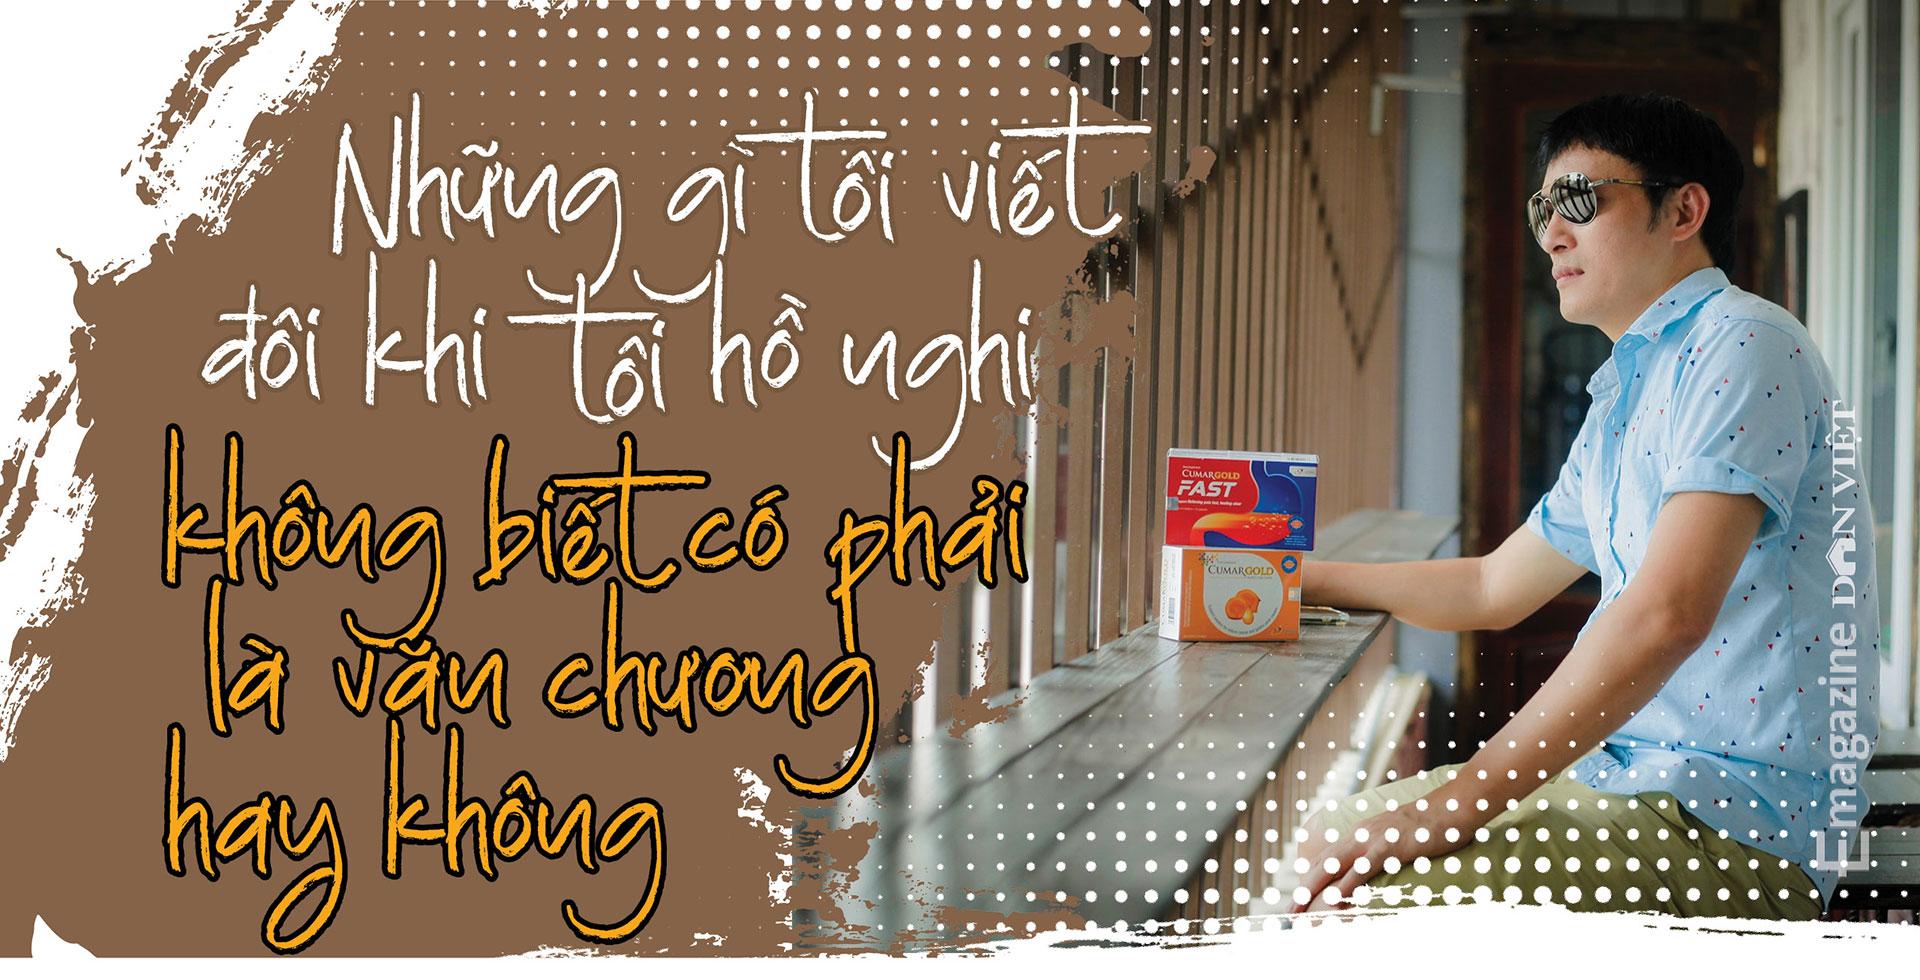 Cây bút văn học mạng Song Hà: Mảng đề tài đa cấp, đòi nợ… tôi viết dễ như thò tay vào túi lấy kẹo - Ảnh 16.